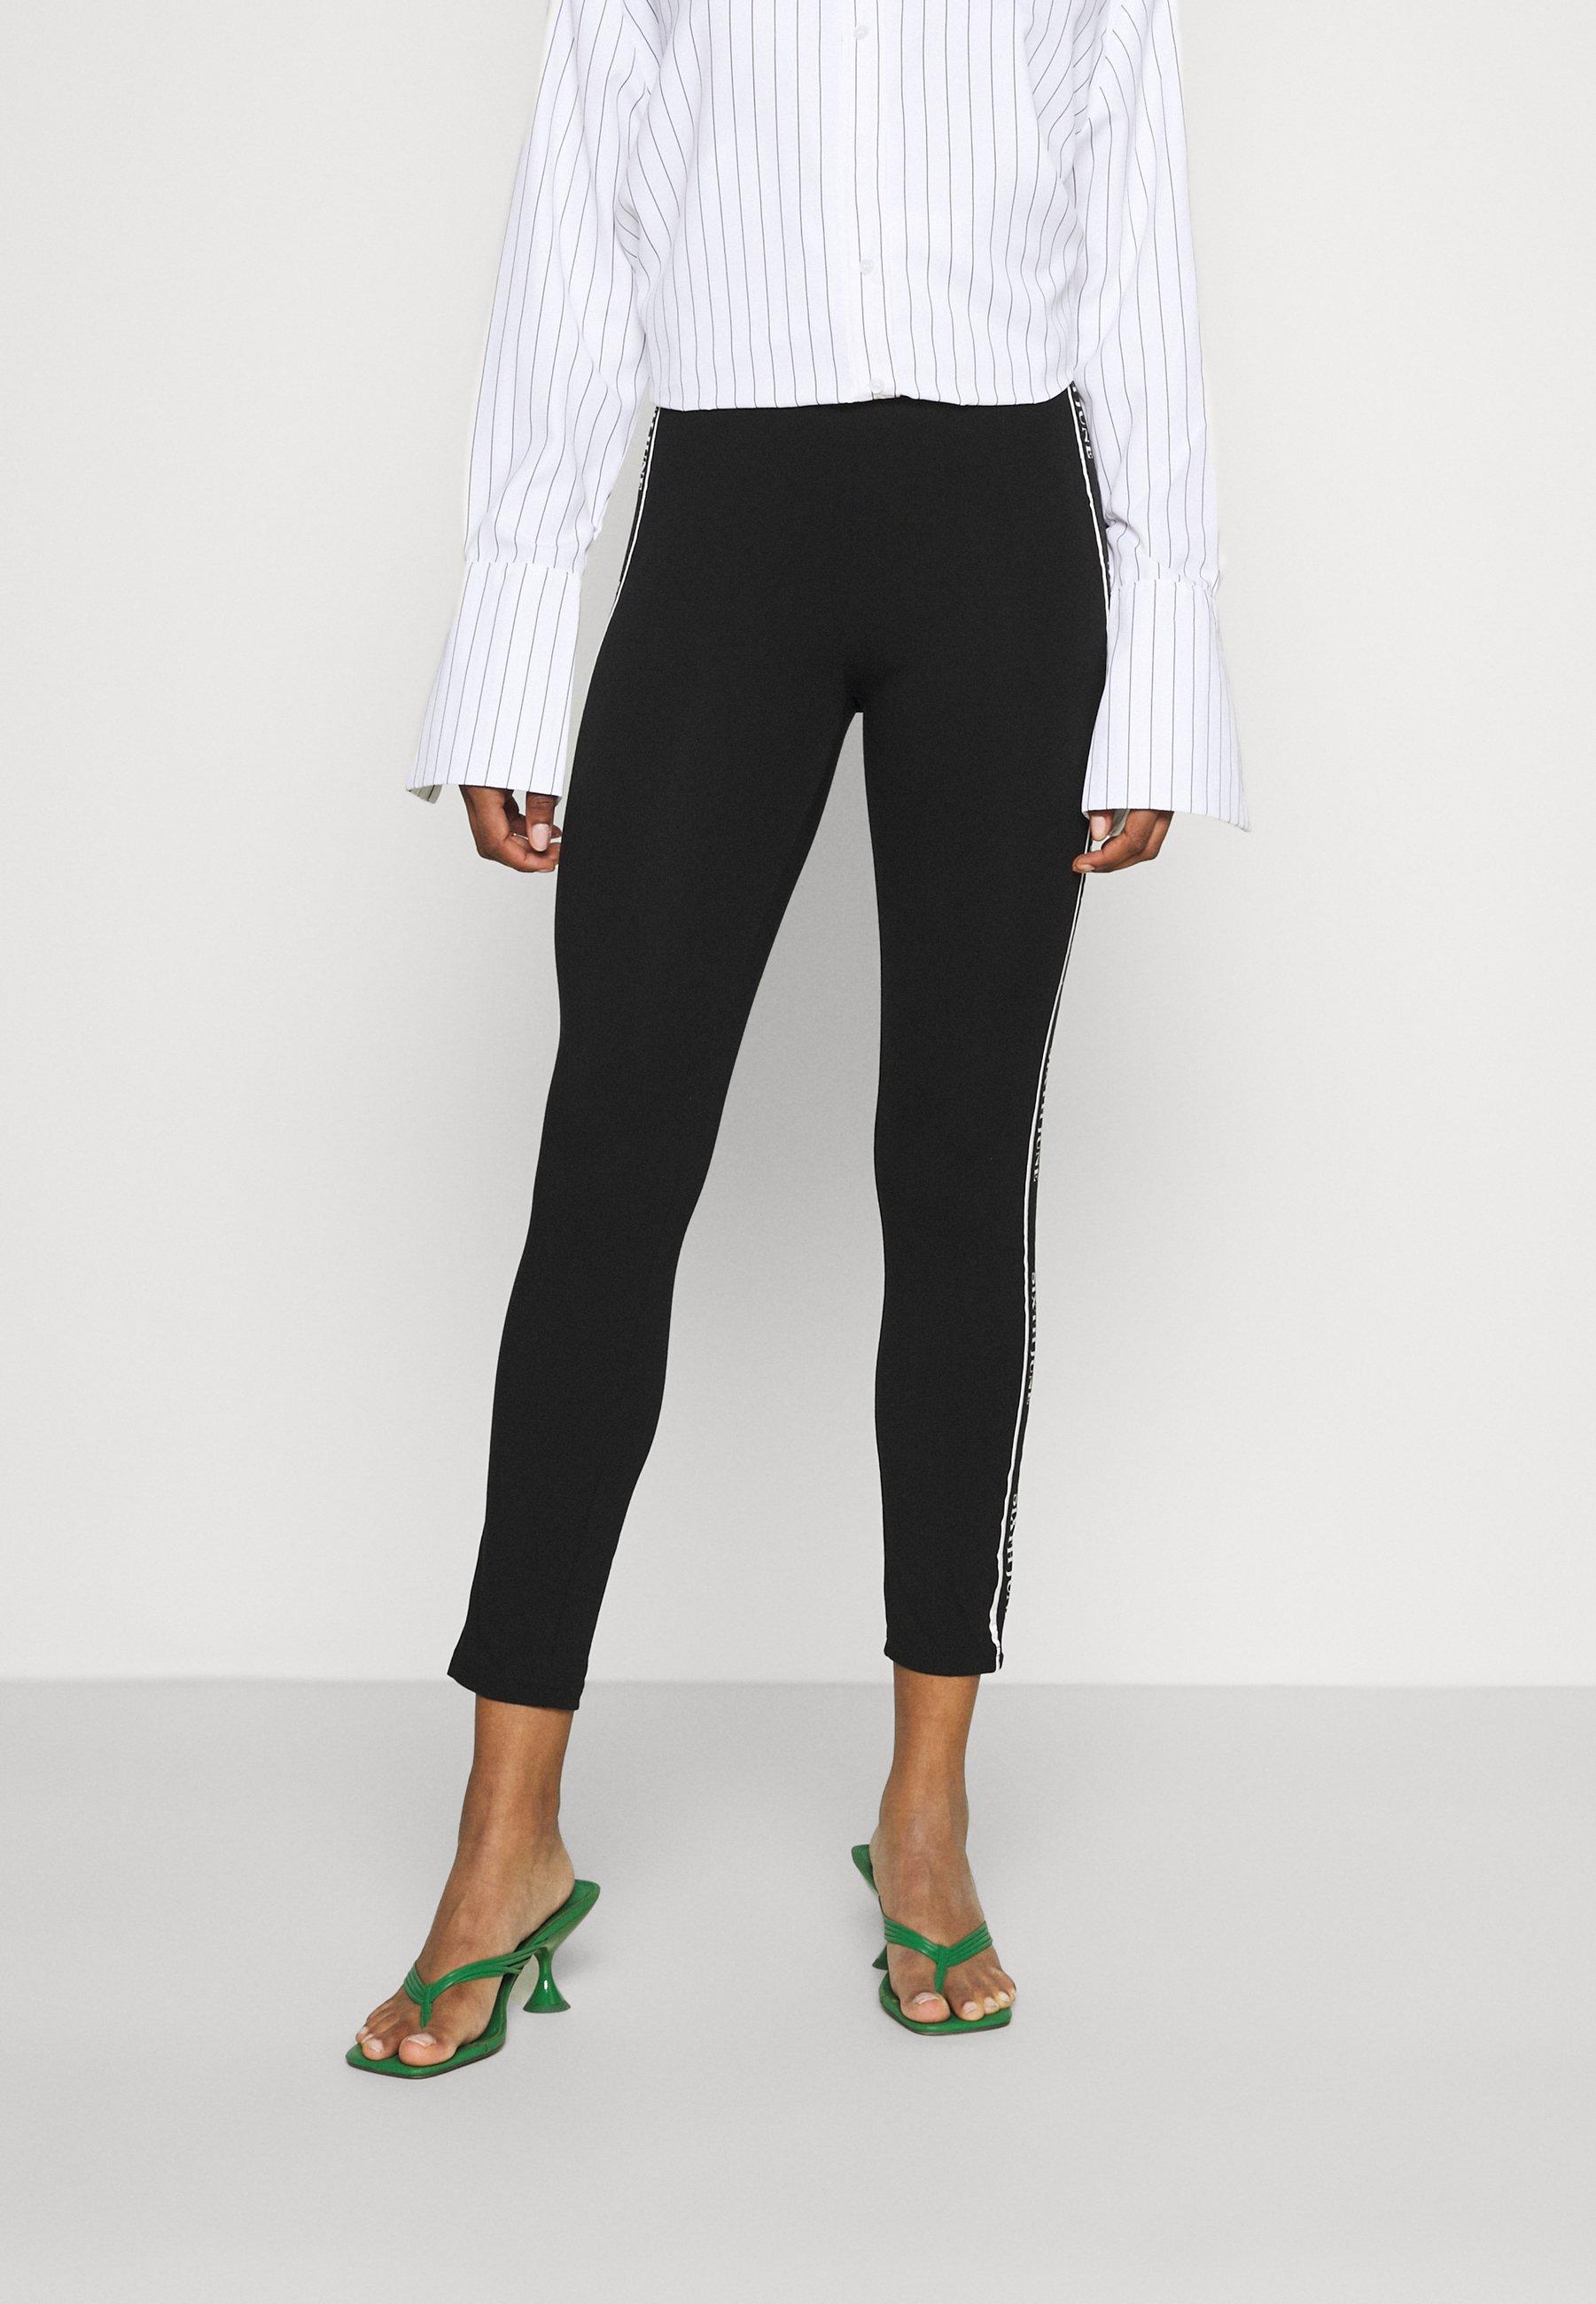 Damen NEW BANDS - Leggings - Hosen